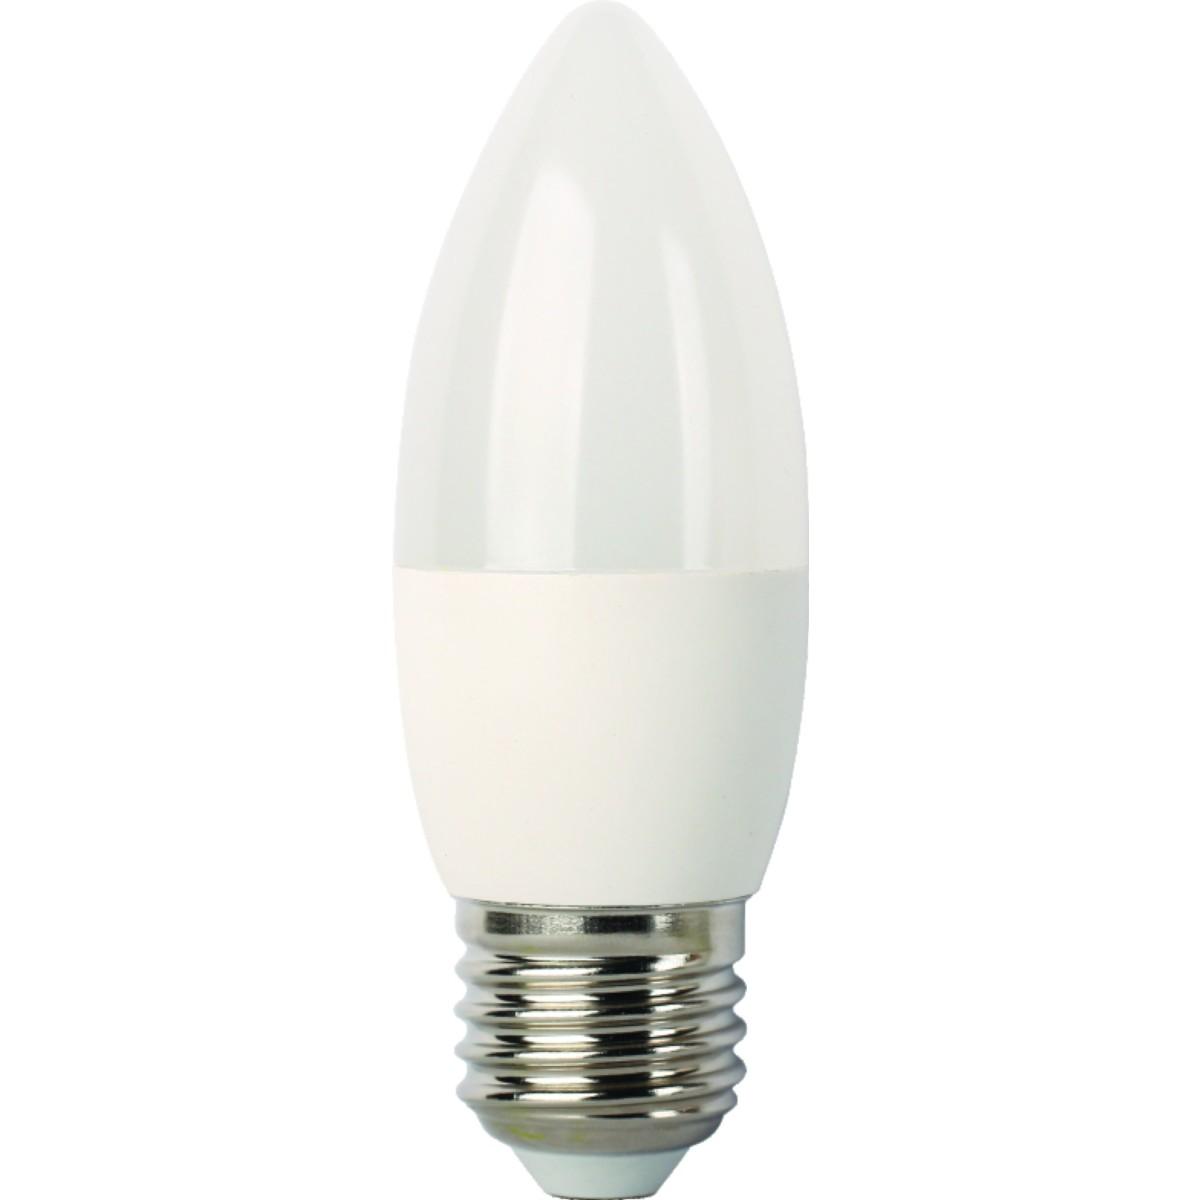 Лампа Ecola light светодионая E27 5 Вт свеча 400 Лм теплый свет